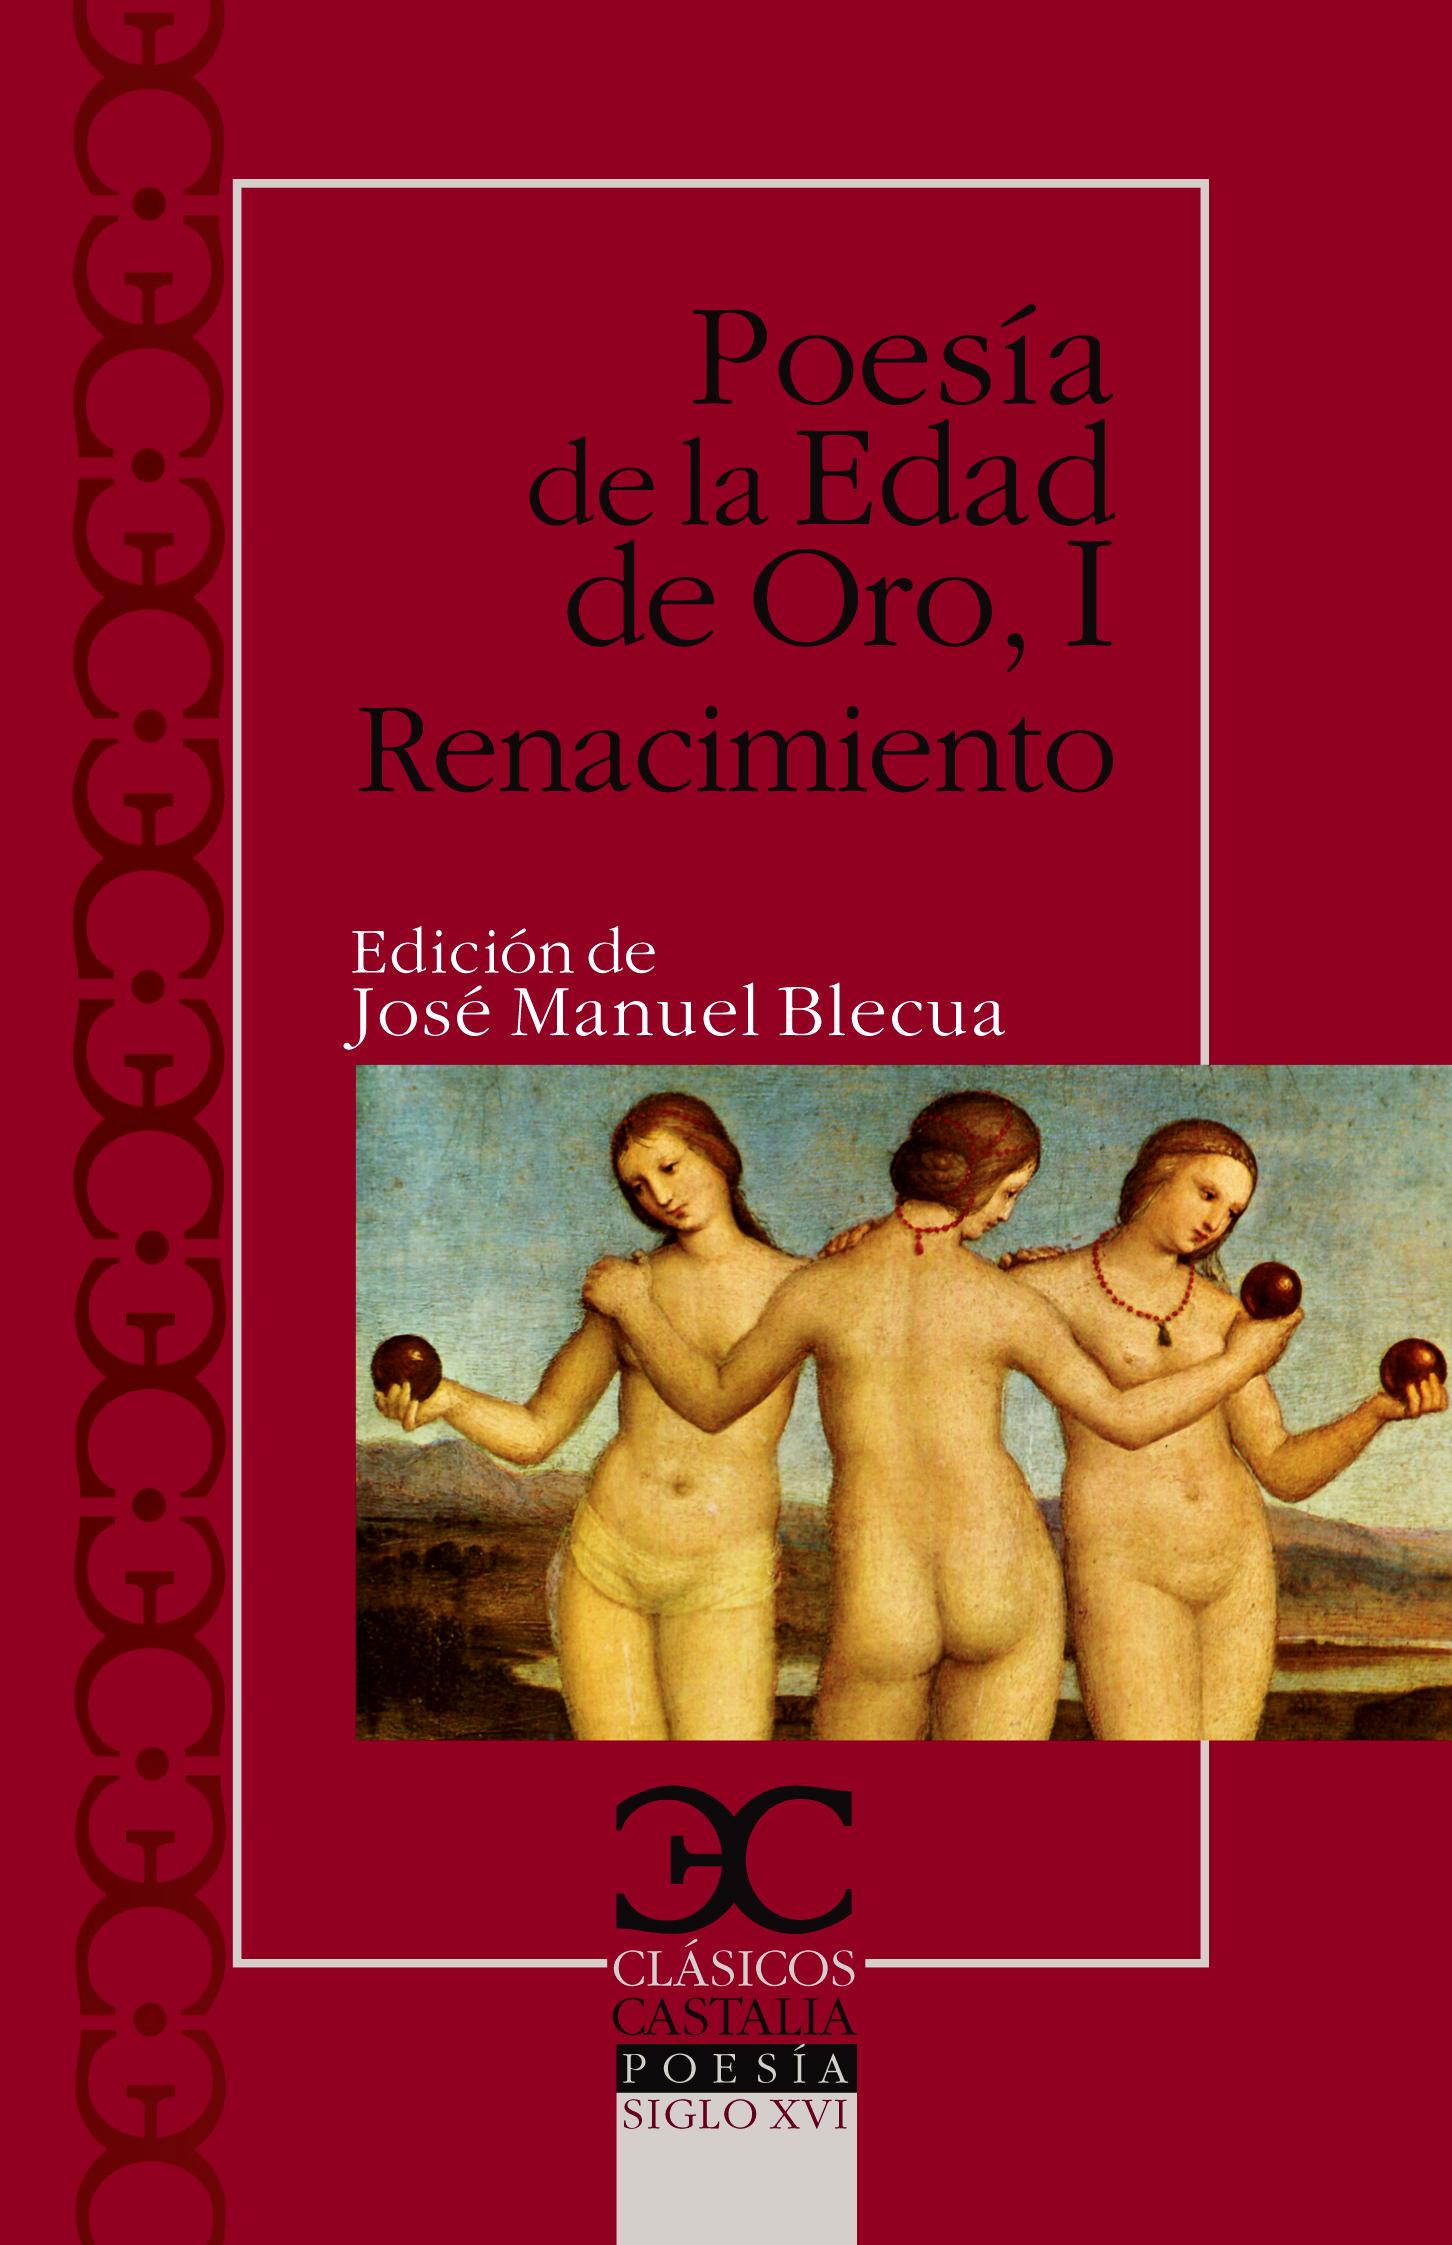 Poesía de la Edad de Oro I. Renacimiento